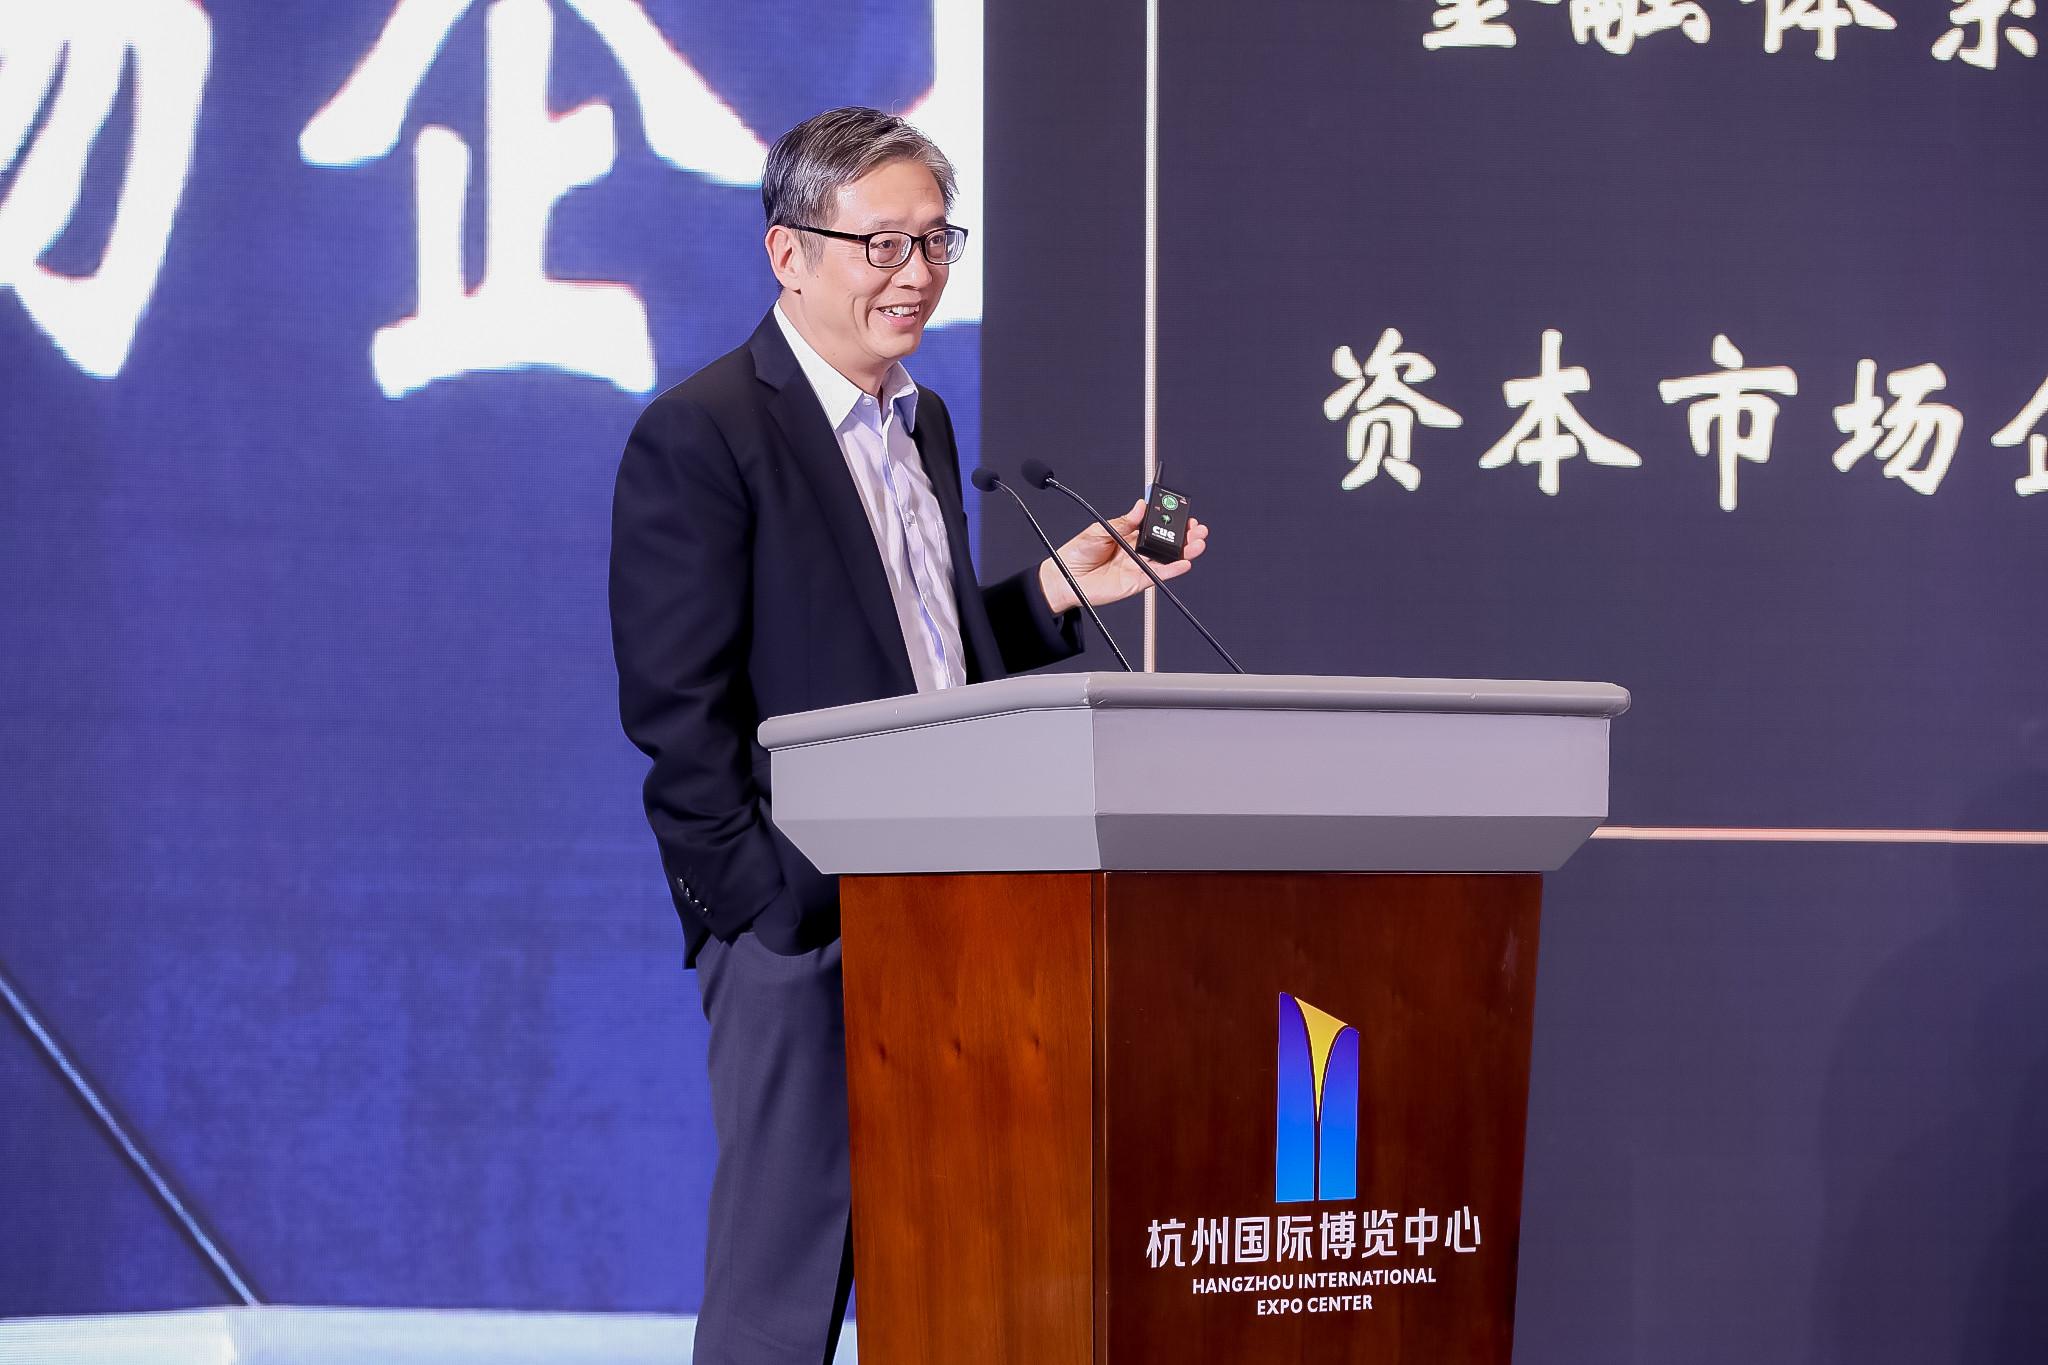 """""""2020北京大学全球金融论坛""""在杭州隆重举行"""